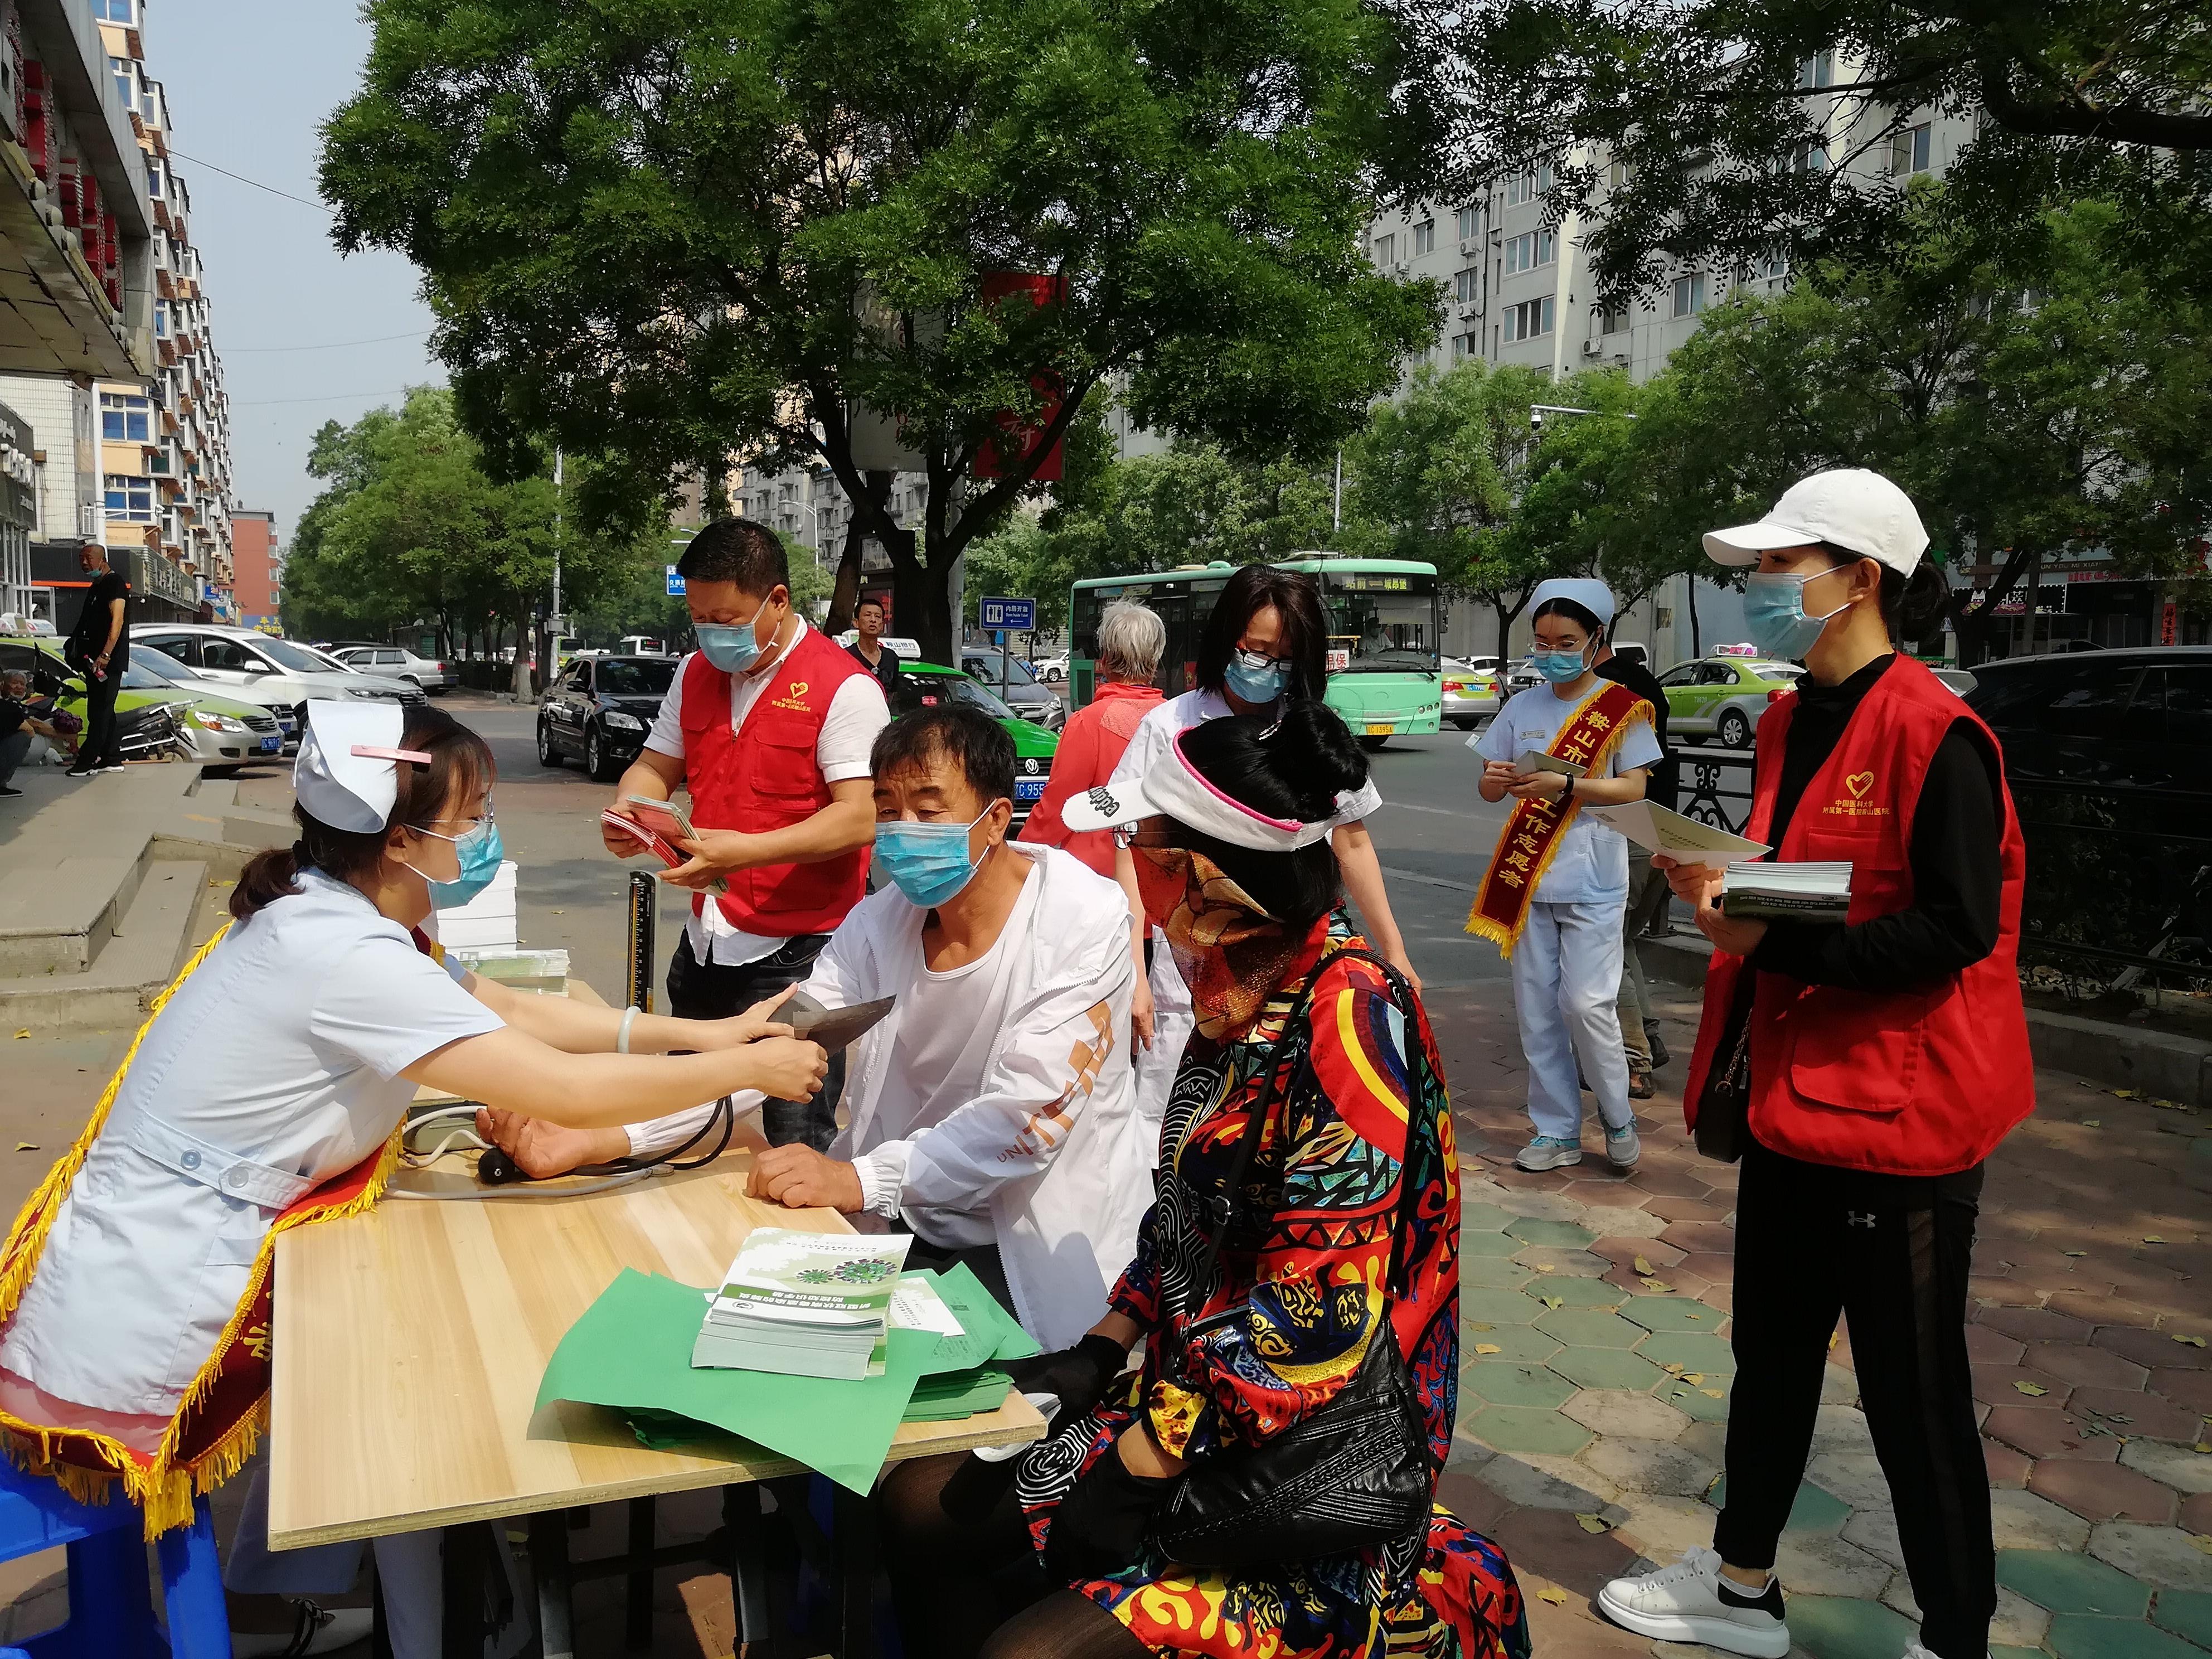 中国医科大学附属第一医院志愿者为市民测血压并发放人才政策宣传单.jpg